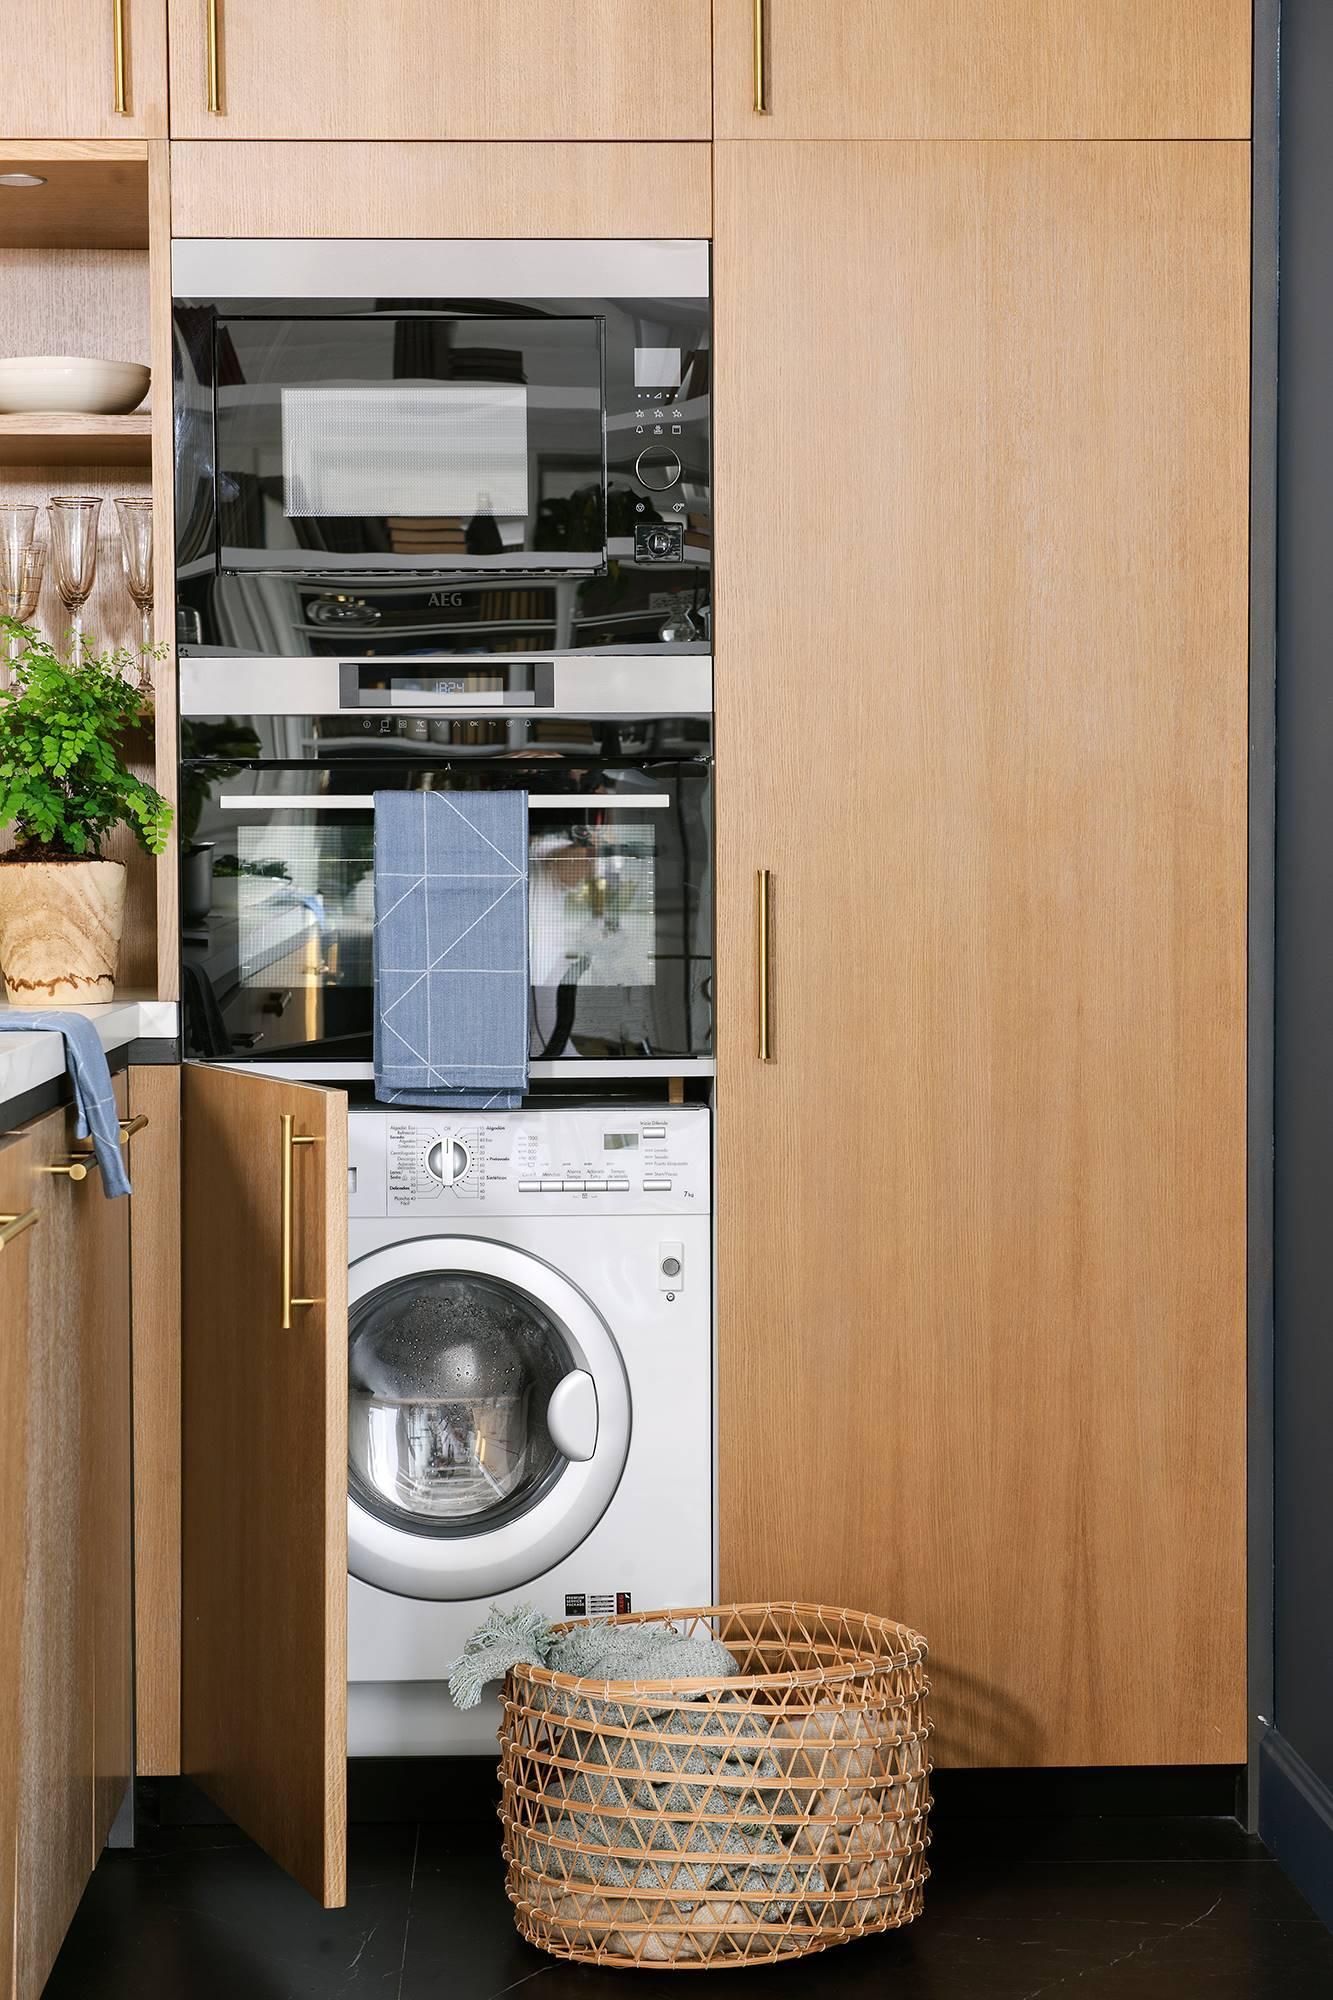 50 trucchi per la pulizia della lavatrice 00470703. Per la lavanderia o il bucato